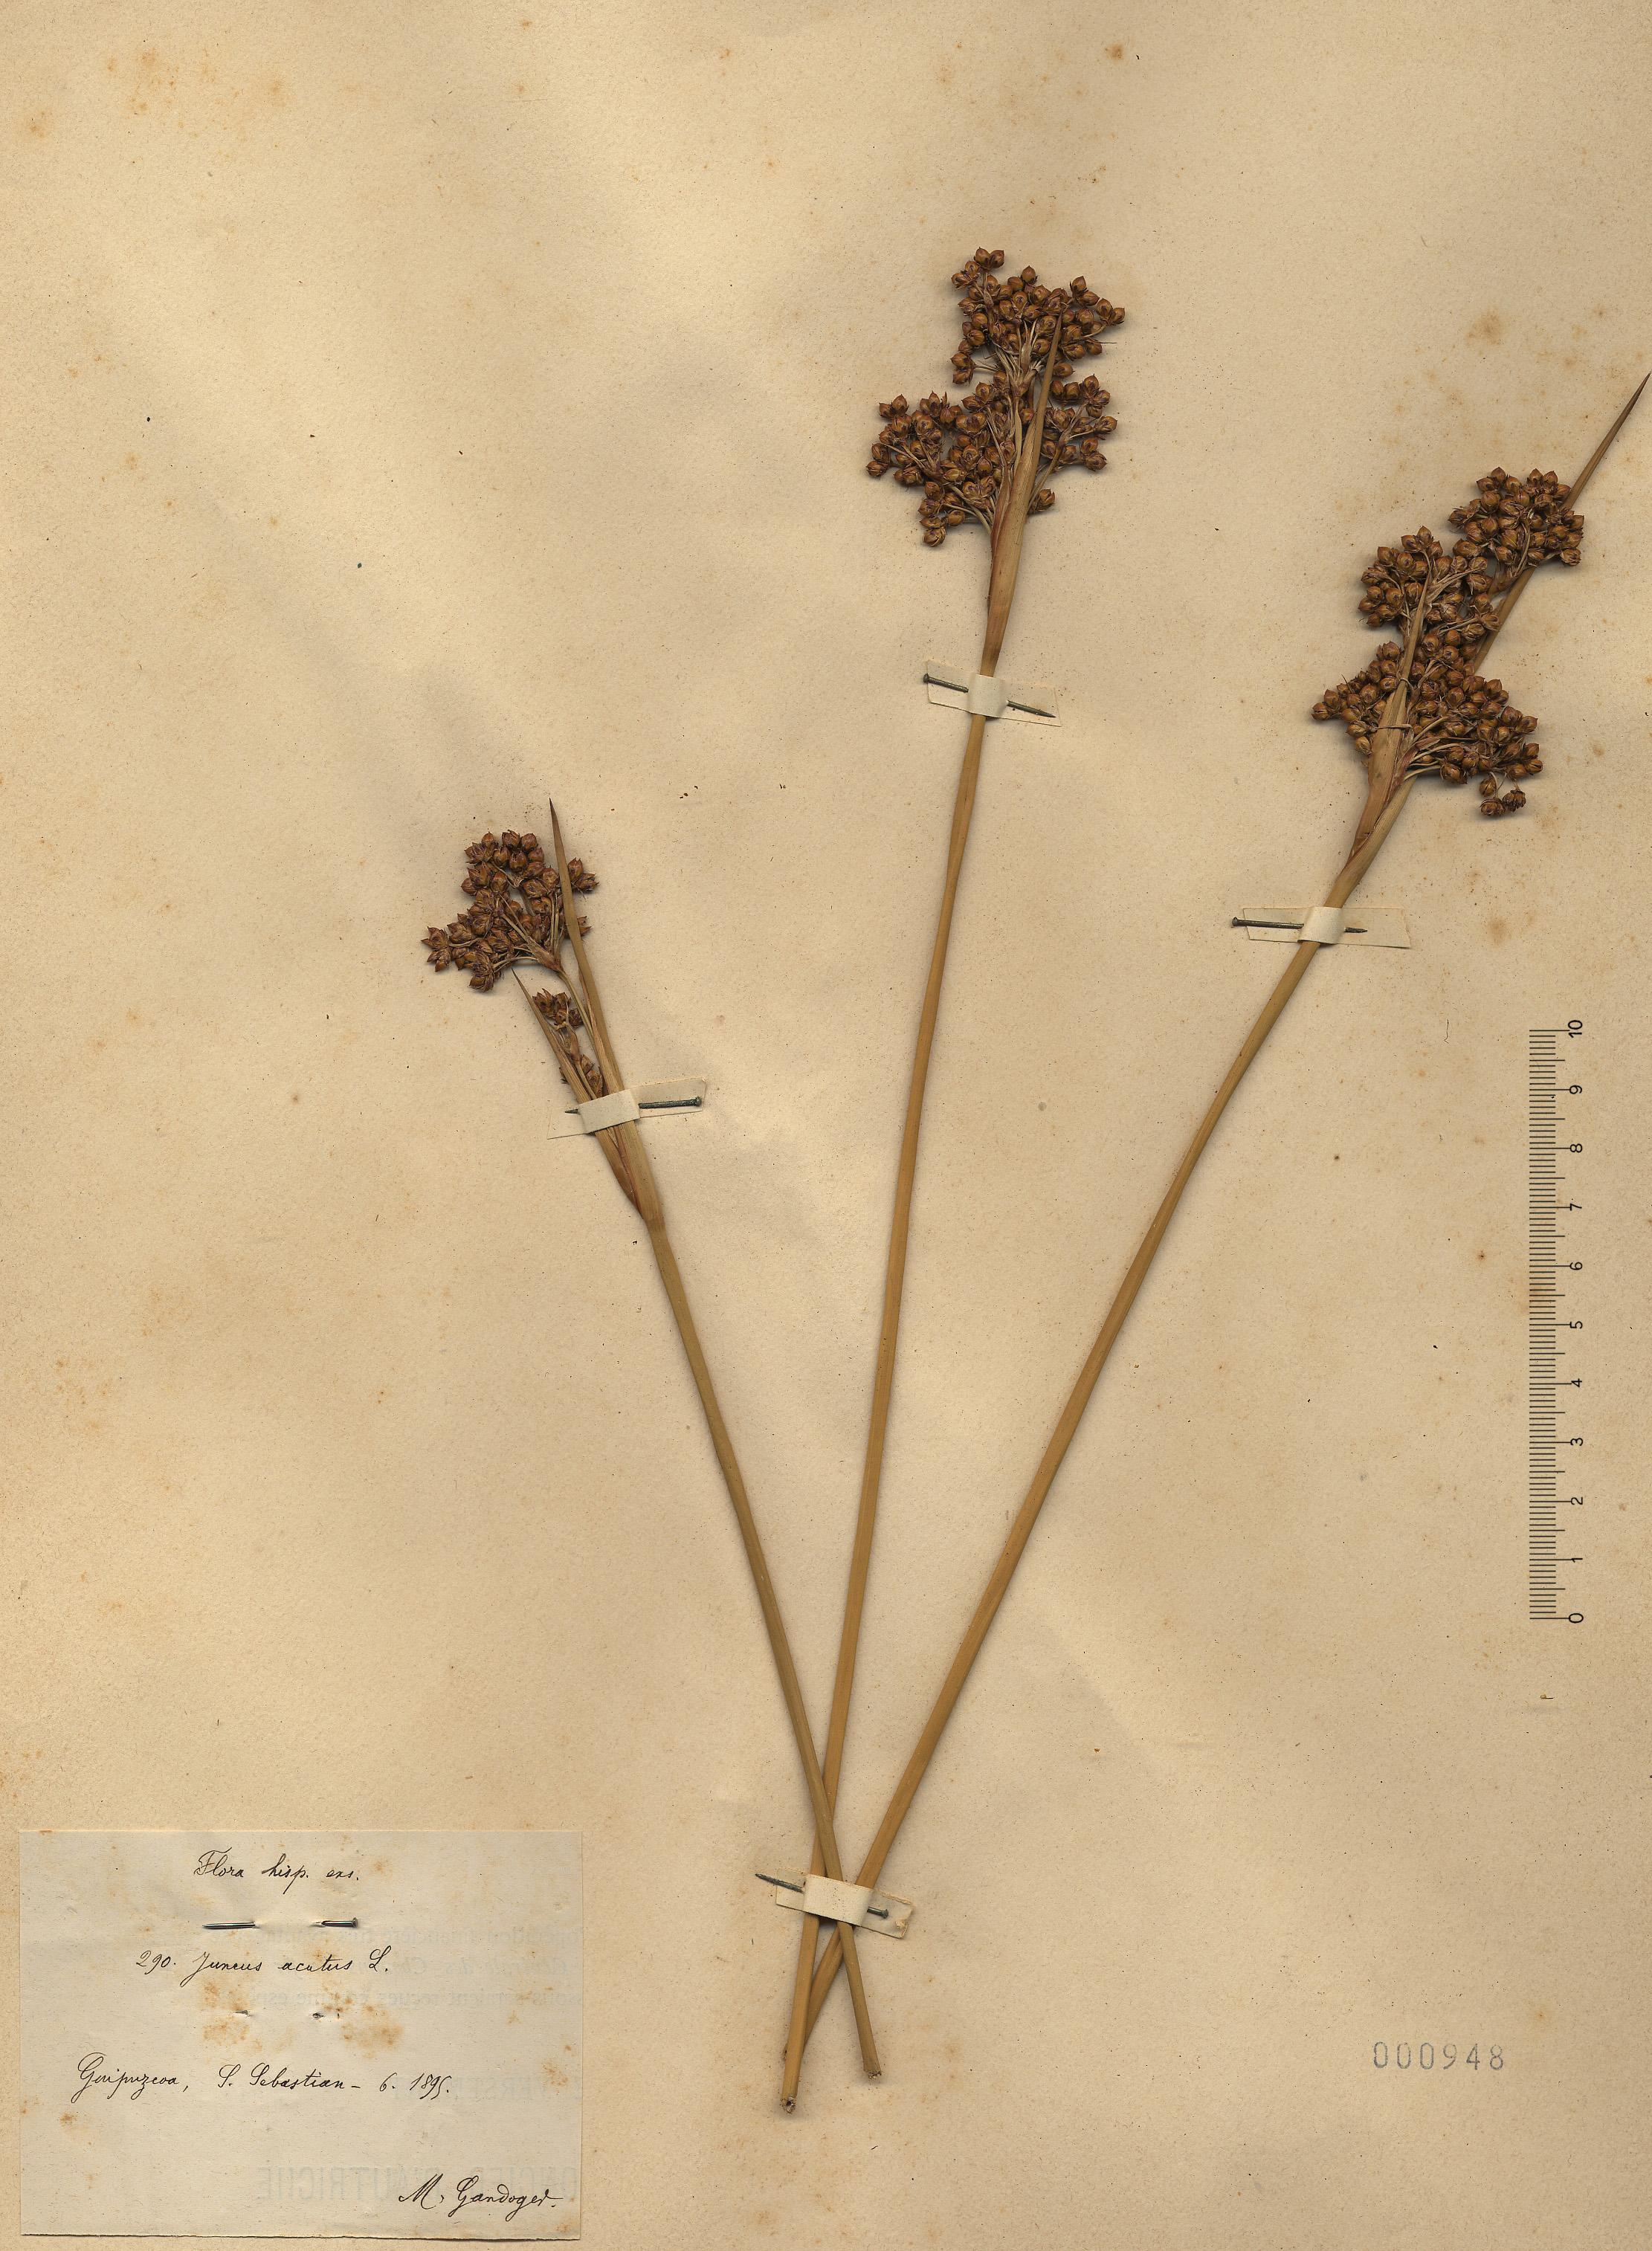 &copy; Hortus Botanicus Catinensis - Herb. sheet 000948<br>